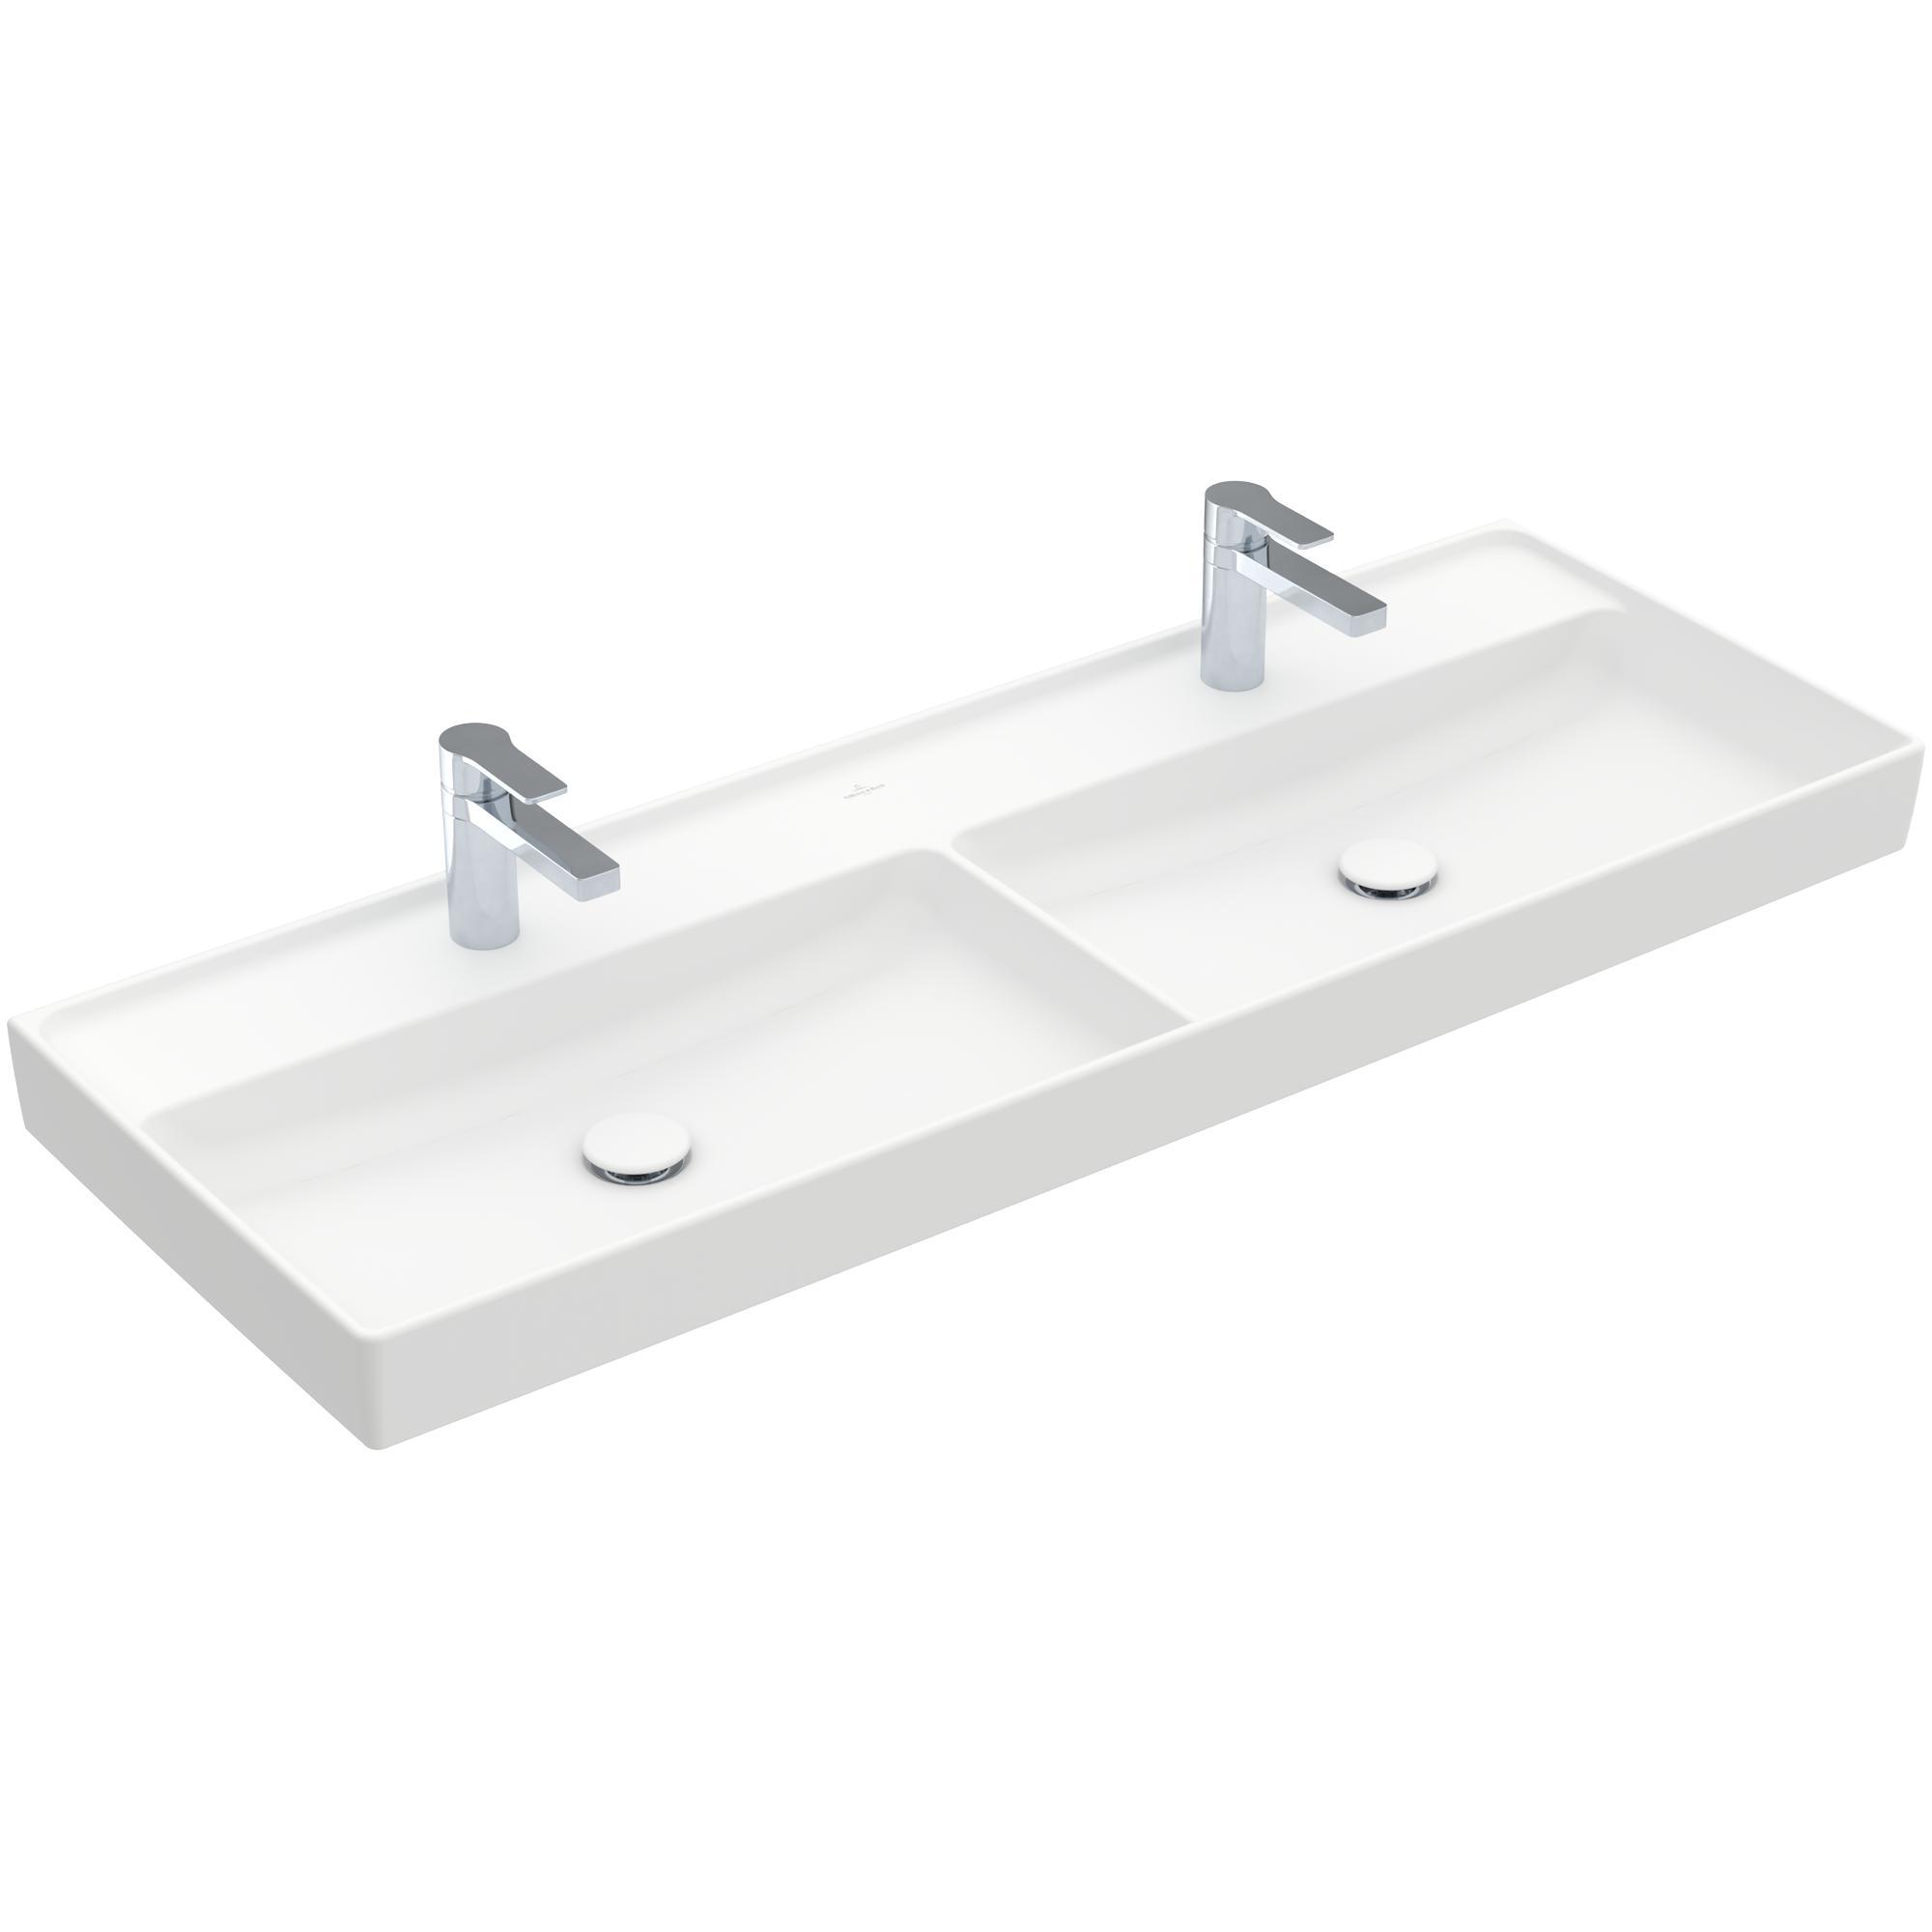 Tvättställ Villeroy & Boch Collaro 1300 mm Dubbelt